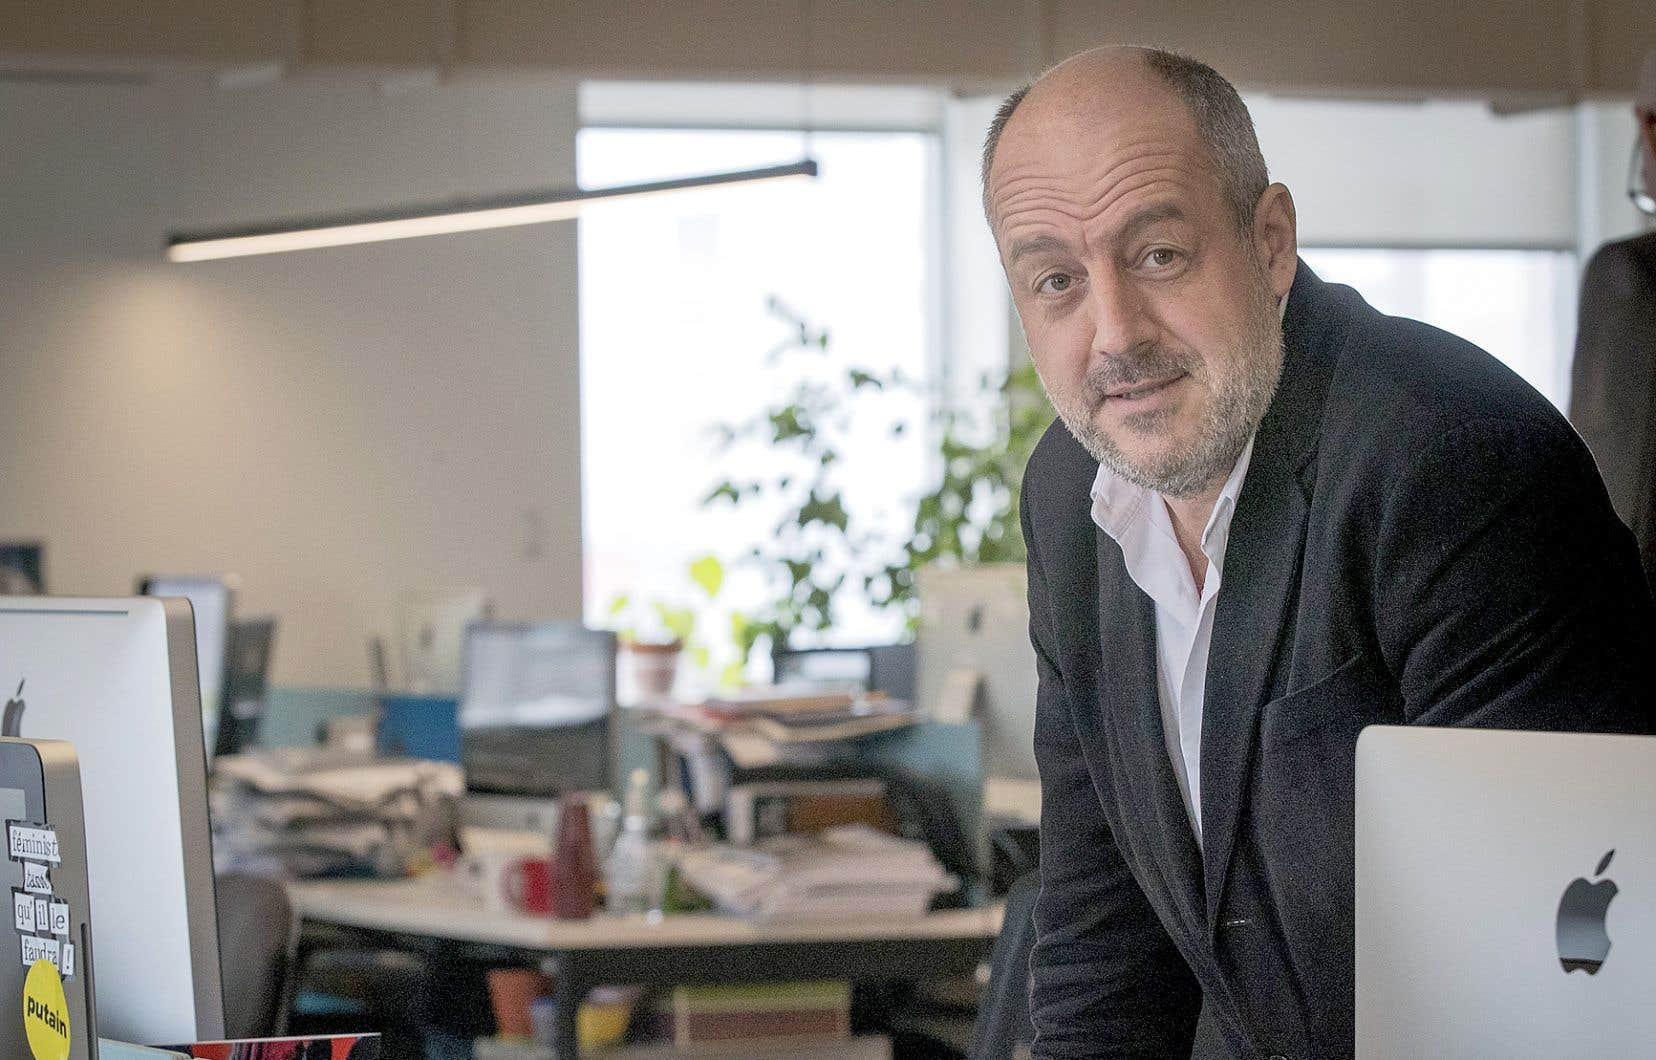 Louis Dreyfus, président du directoire du Groupe Le Monde, était à Montréal, où il prononçait une conférence au Conseil des relations internationales de Montréal.